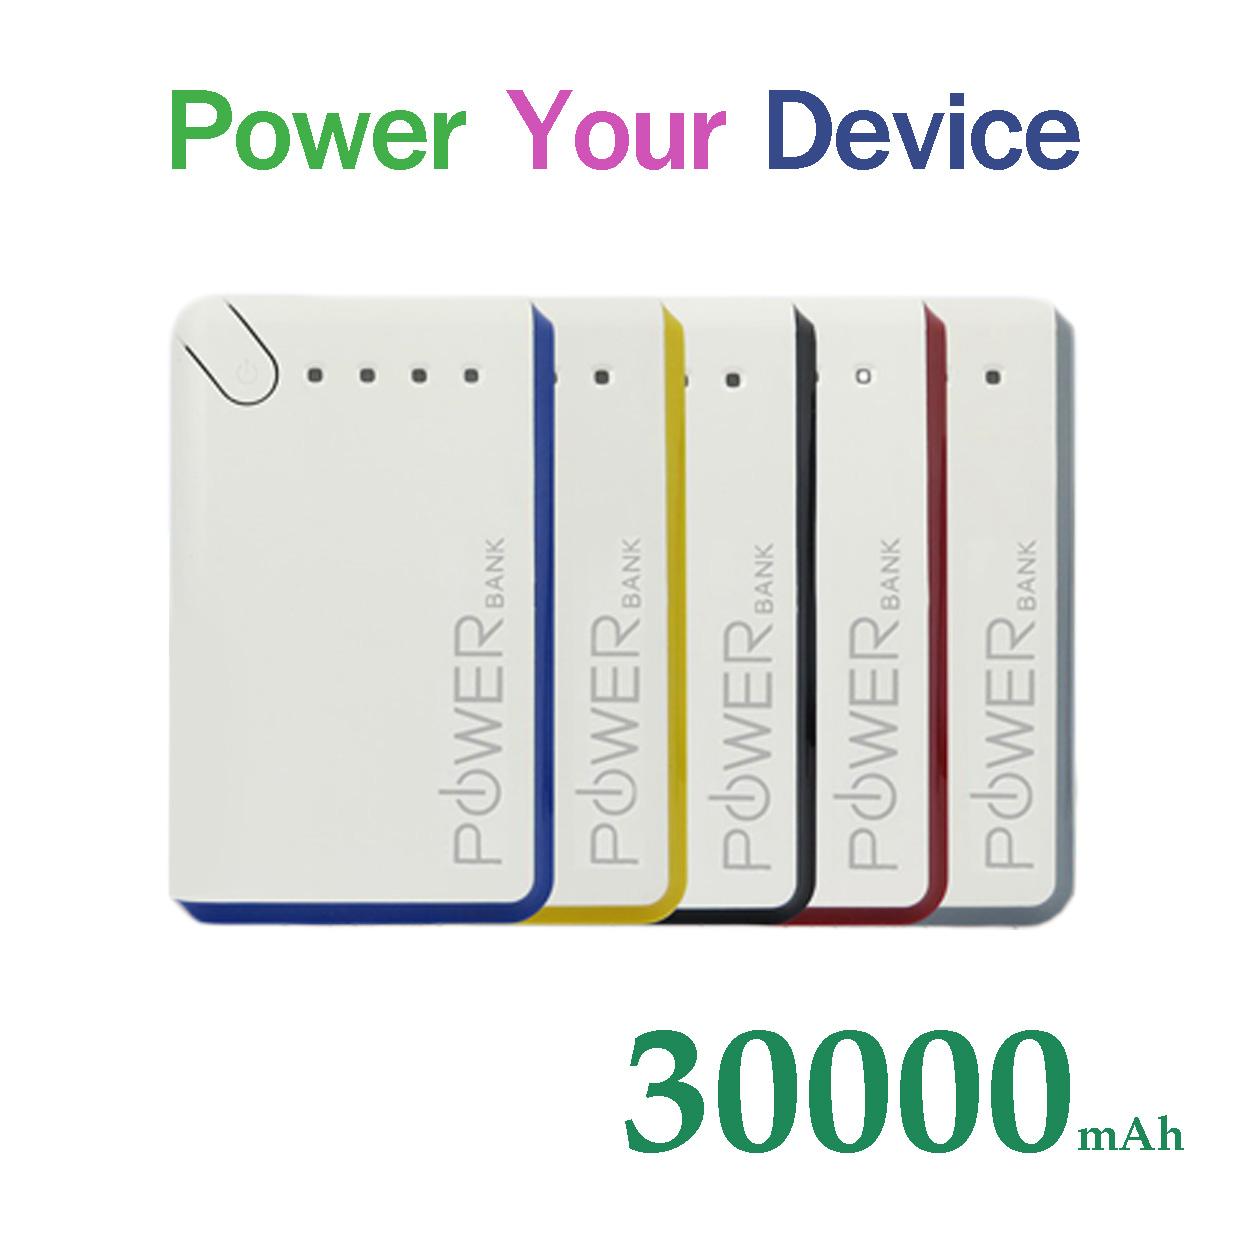 แบตสำรอง Power Your Device 30000 mAh สายชาร์จ 3 in 1